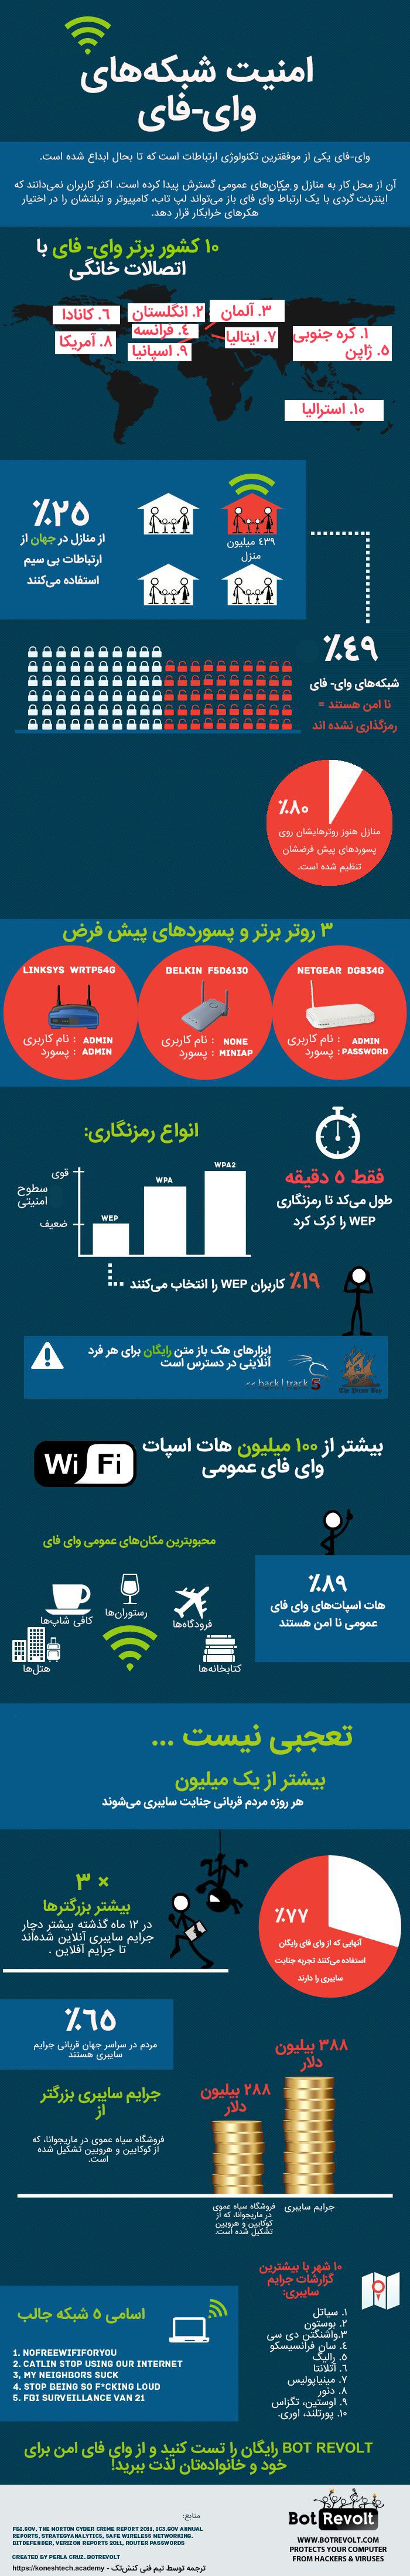 امنیت شبکههای Wi-Fi